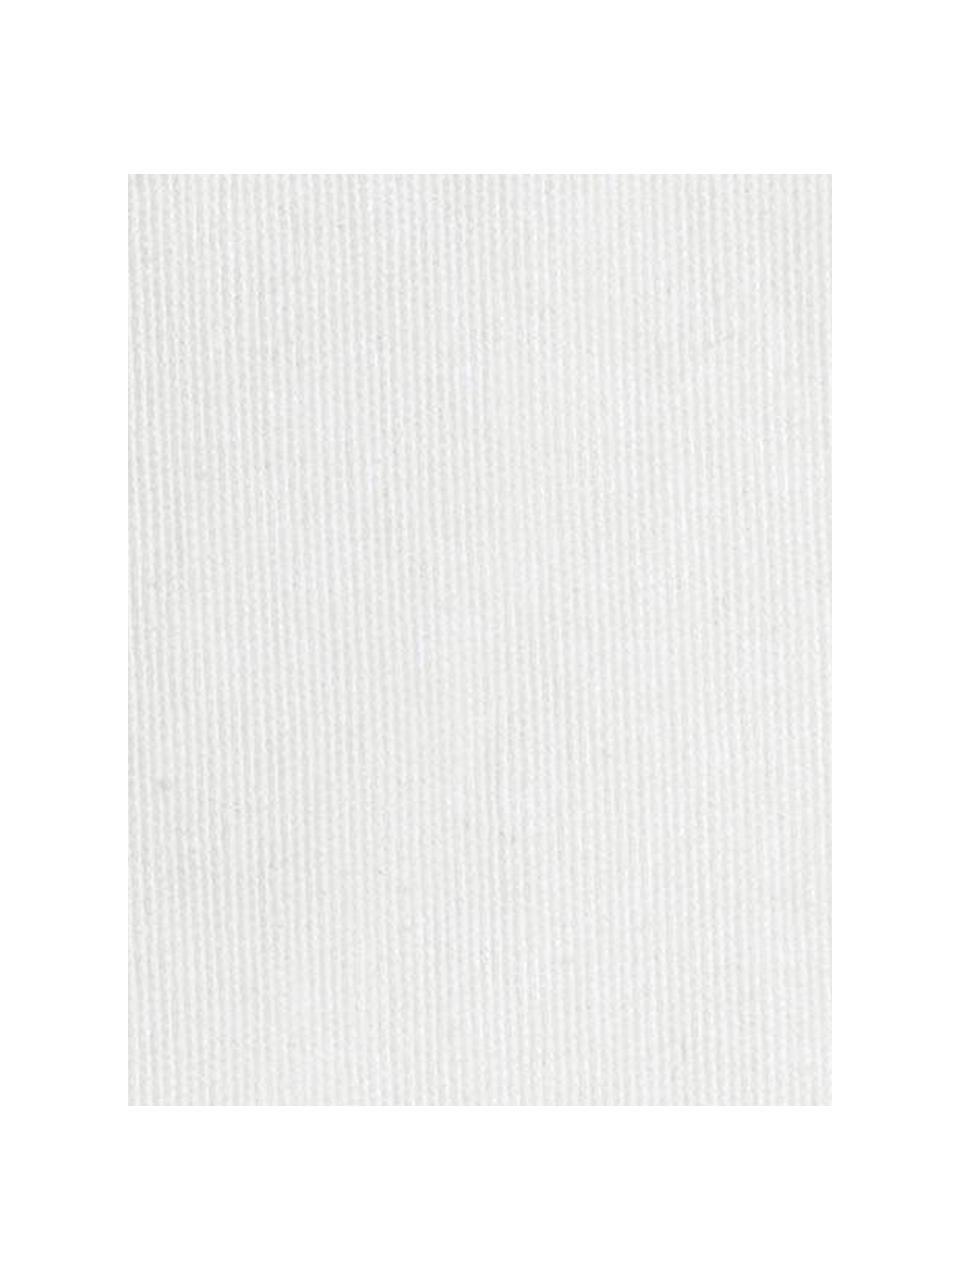 Narzuta na fotel Levante, 65% bawełna, 35% poliester, Odcienie kremowego, S 55 x D 220 cm